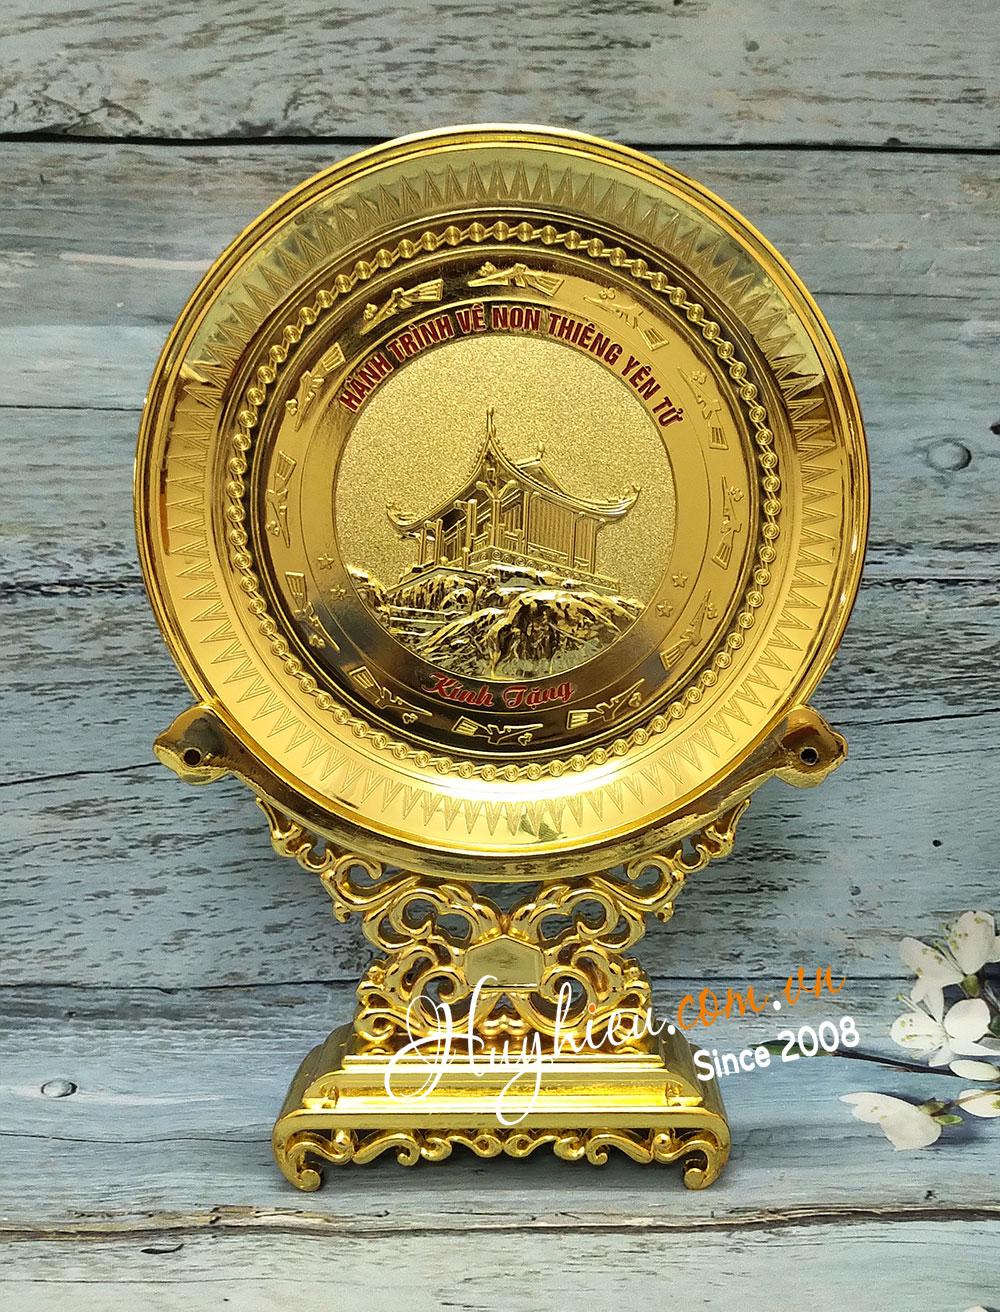 Biểu trưng đĩa đồng 19